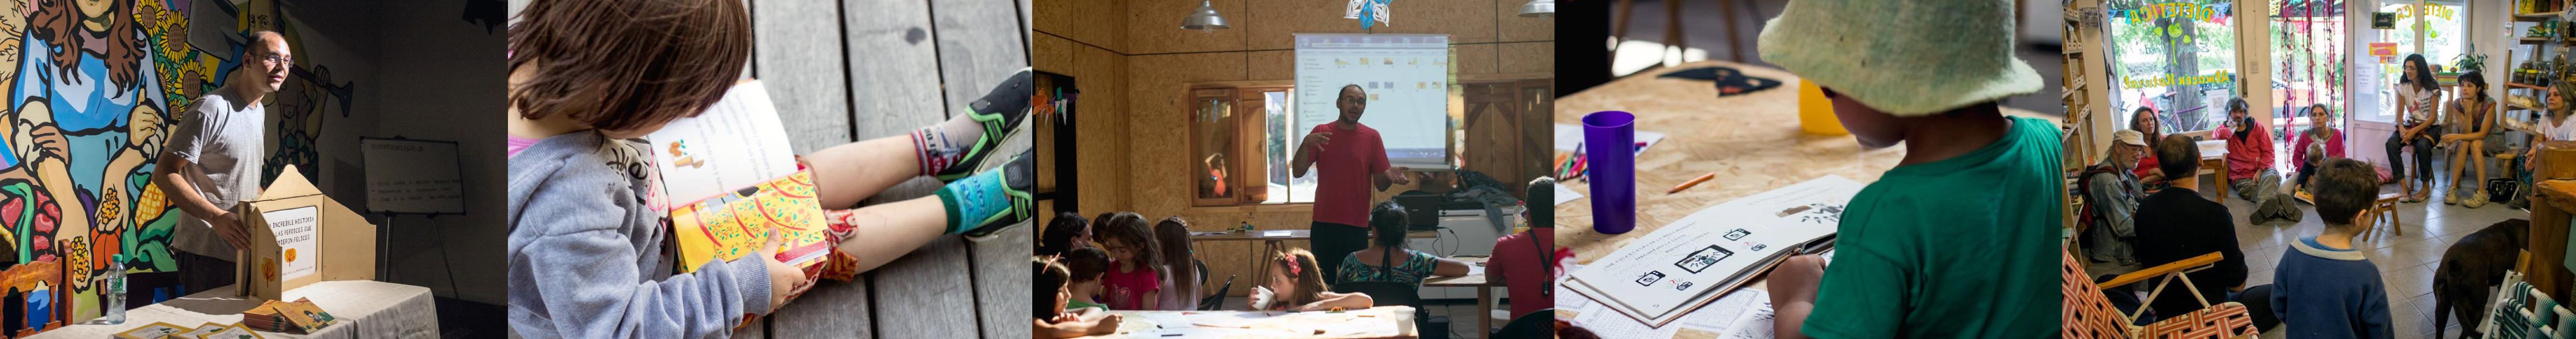 Presentaciones y actividades en escuelas, centros culturales y demás espacios educativos!